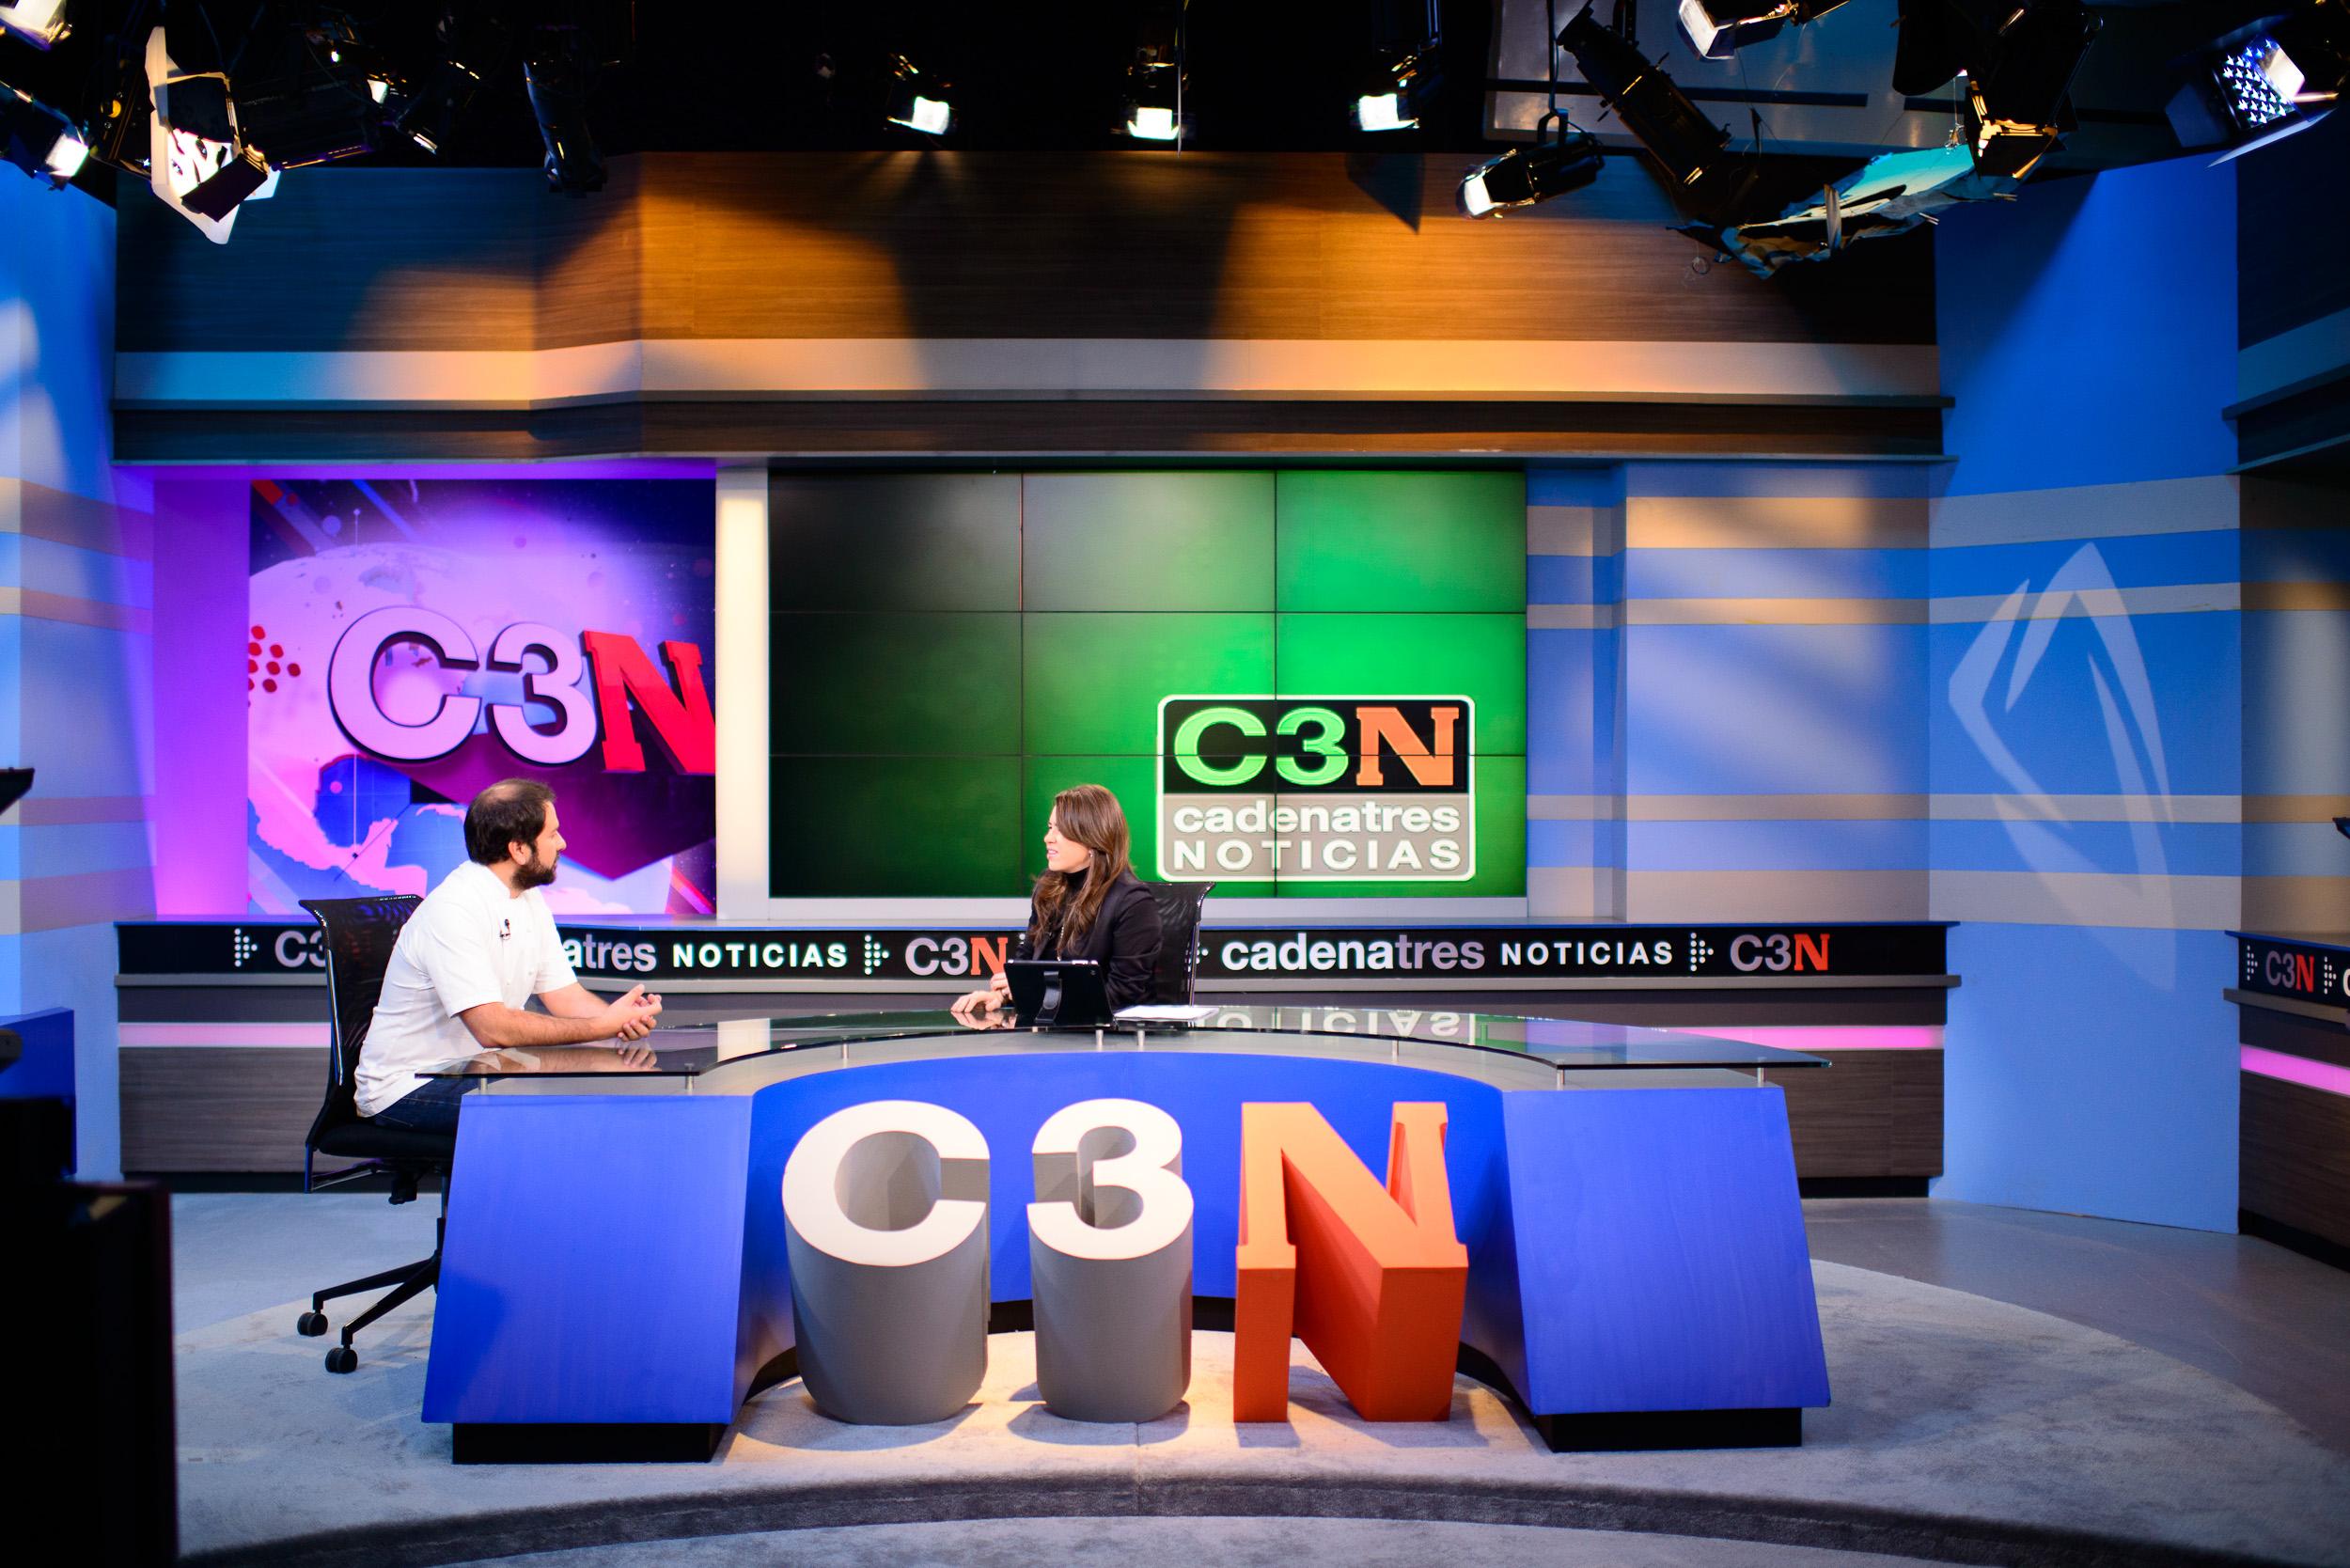 Enrique Olvera Interview with Yuriri Sierra for Cadena 3